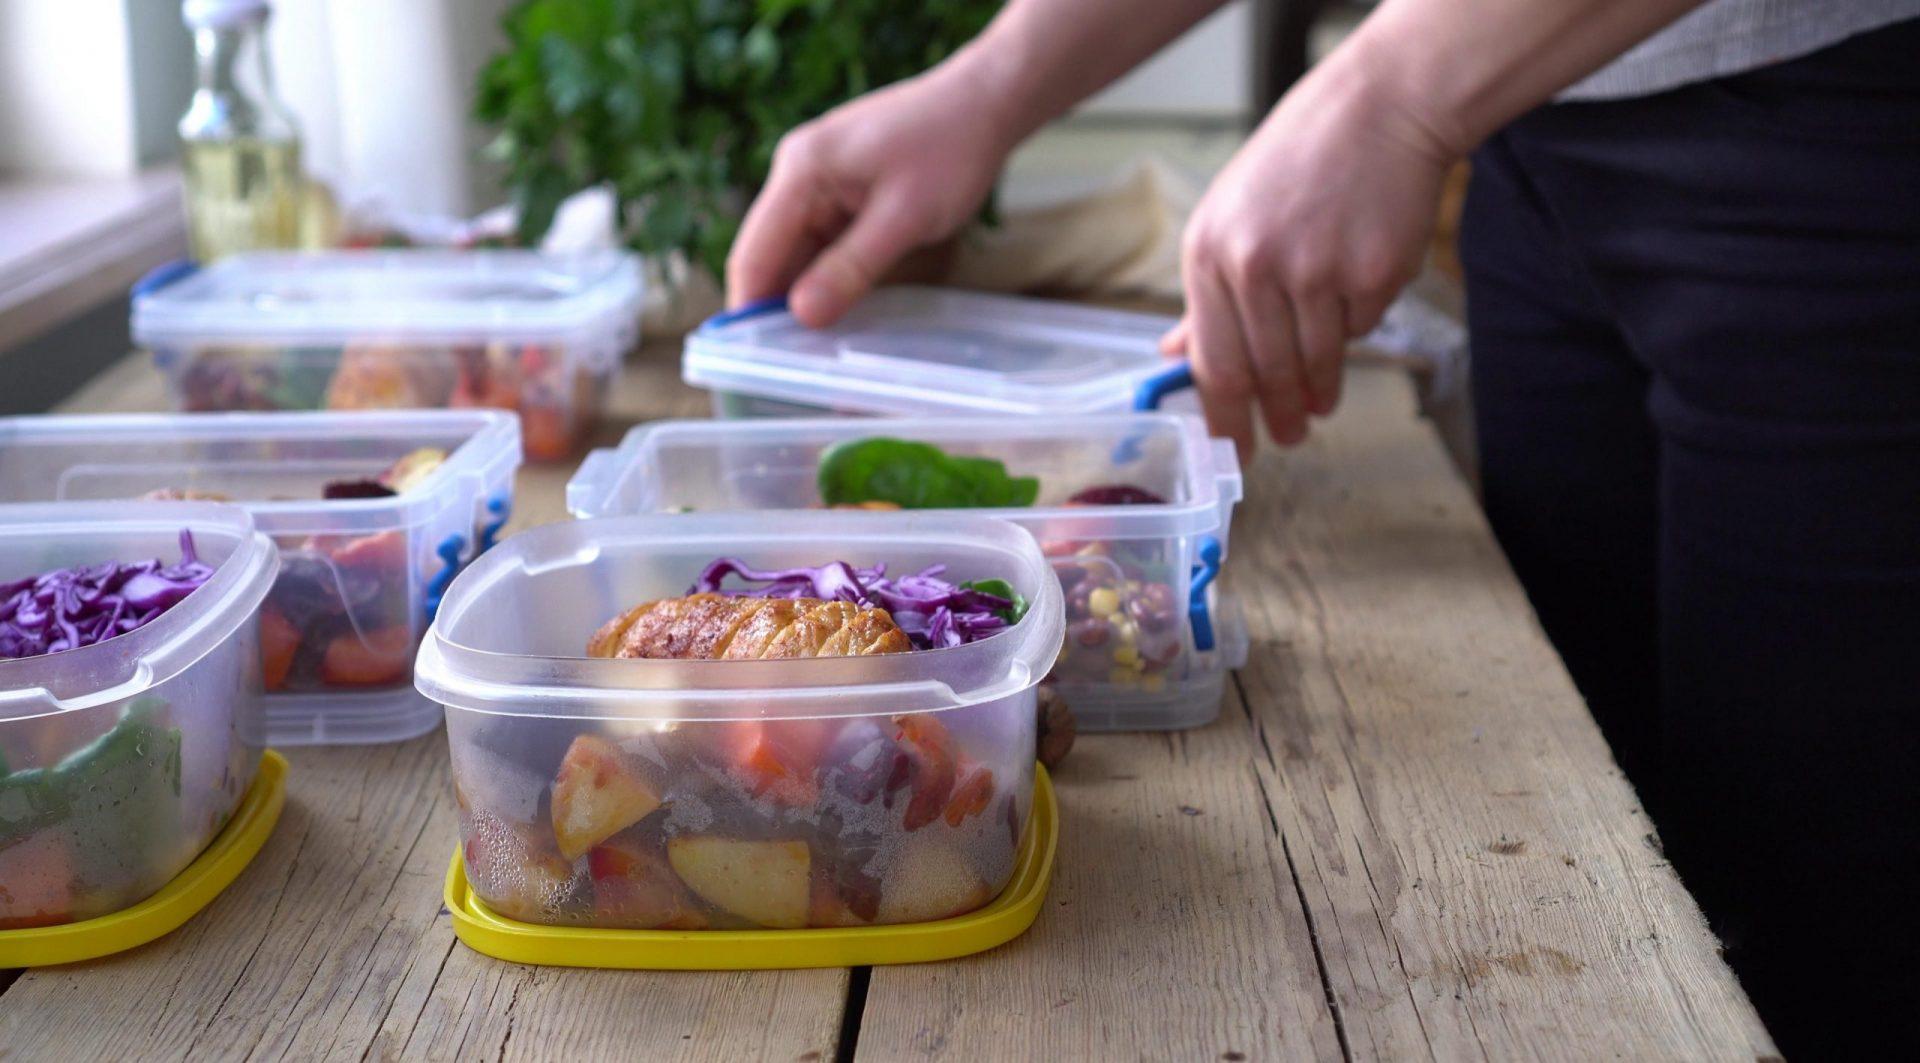 Tips for Proper Food Storage